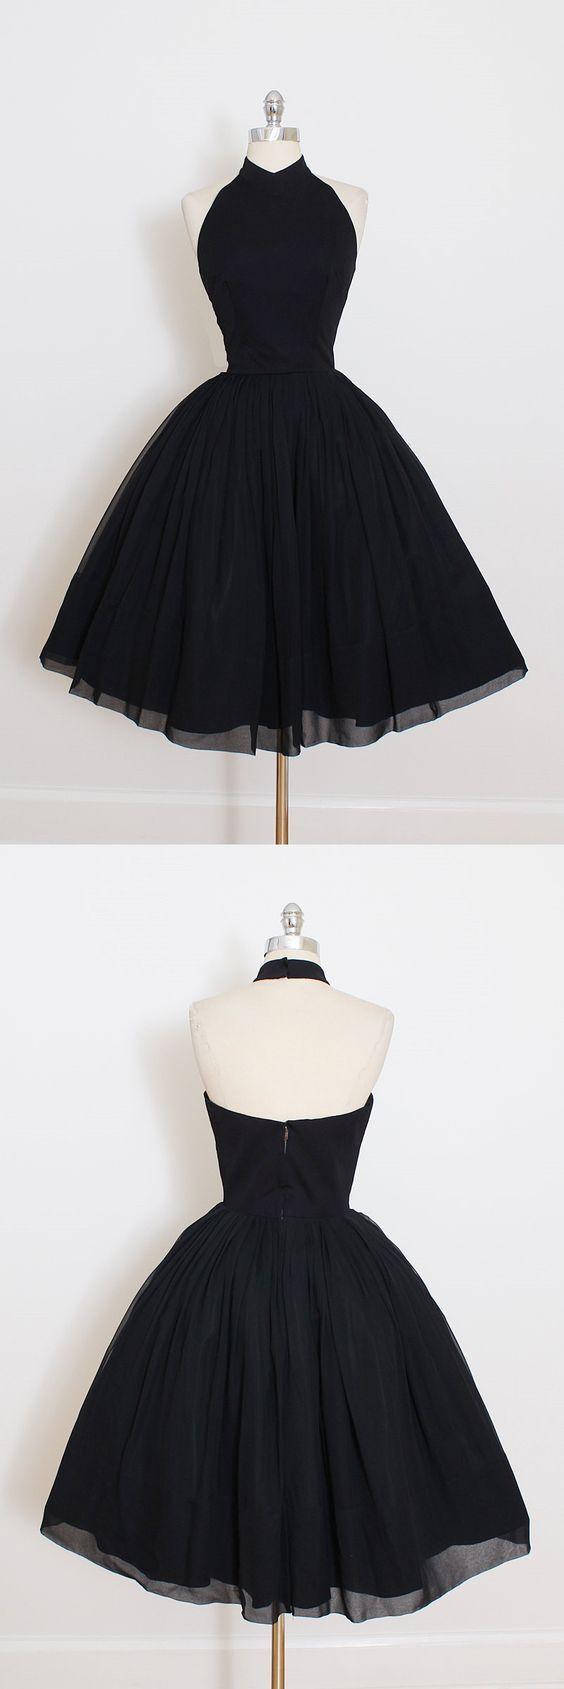 2017 Custom Made Black Chiffon Prom DressHalter Homecoming DressShort Mini Party DressYY66